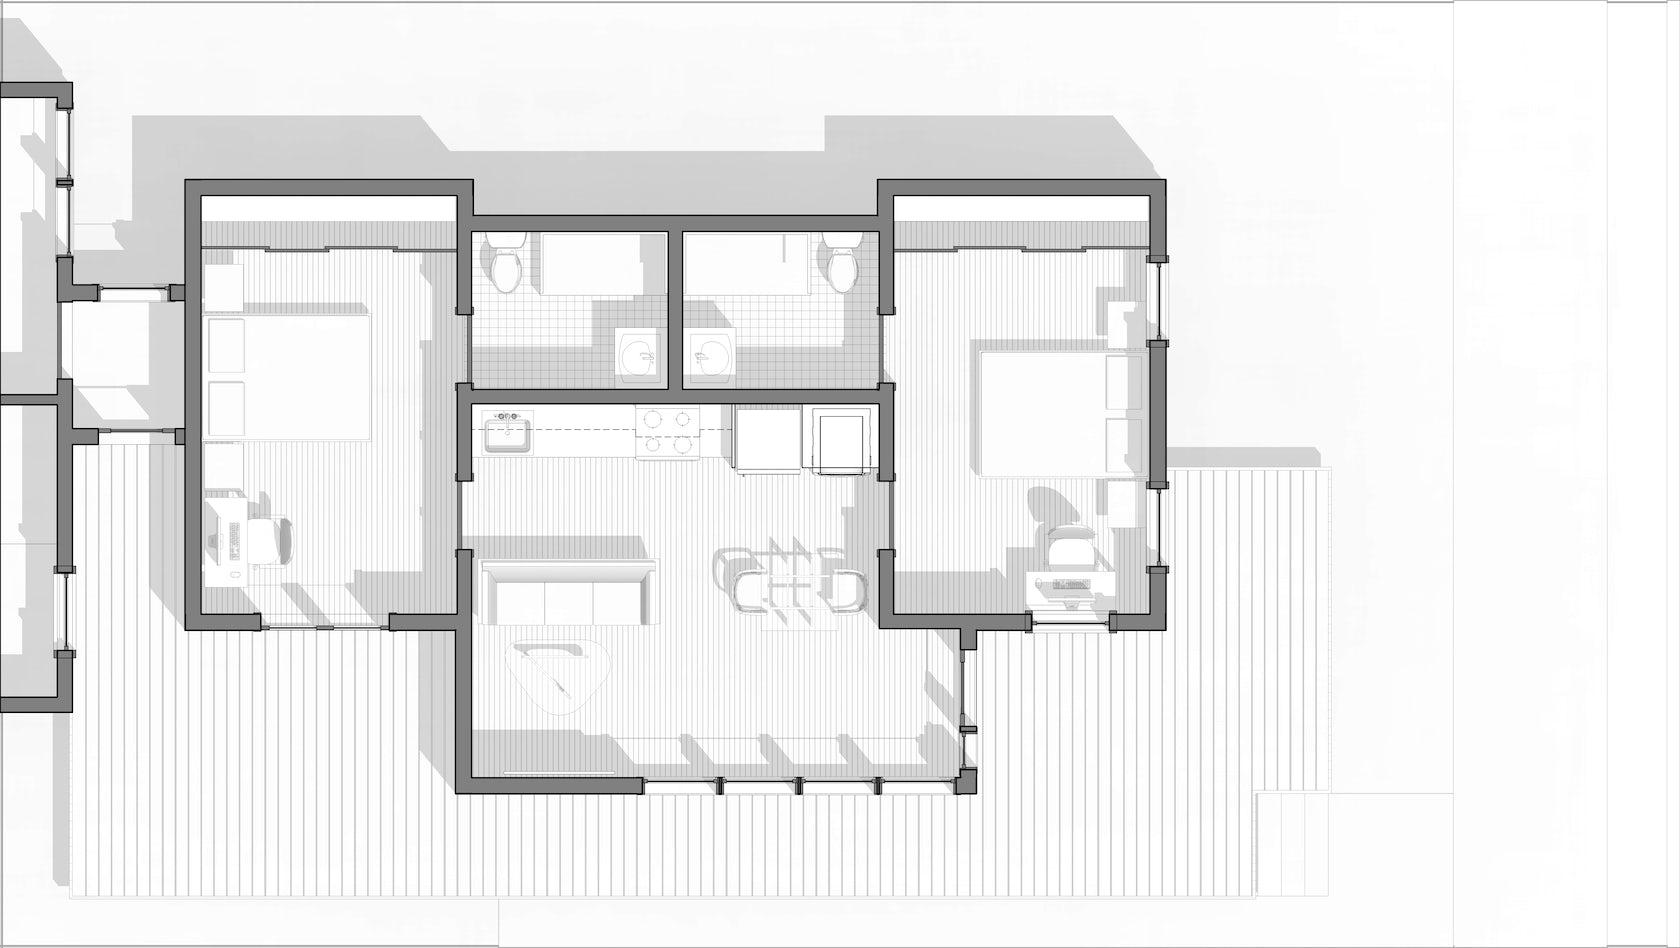 Enright Accessory Dwelling Unit Adu Architizer